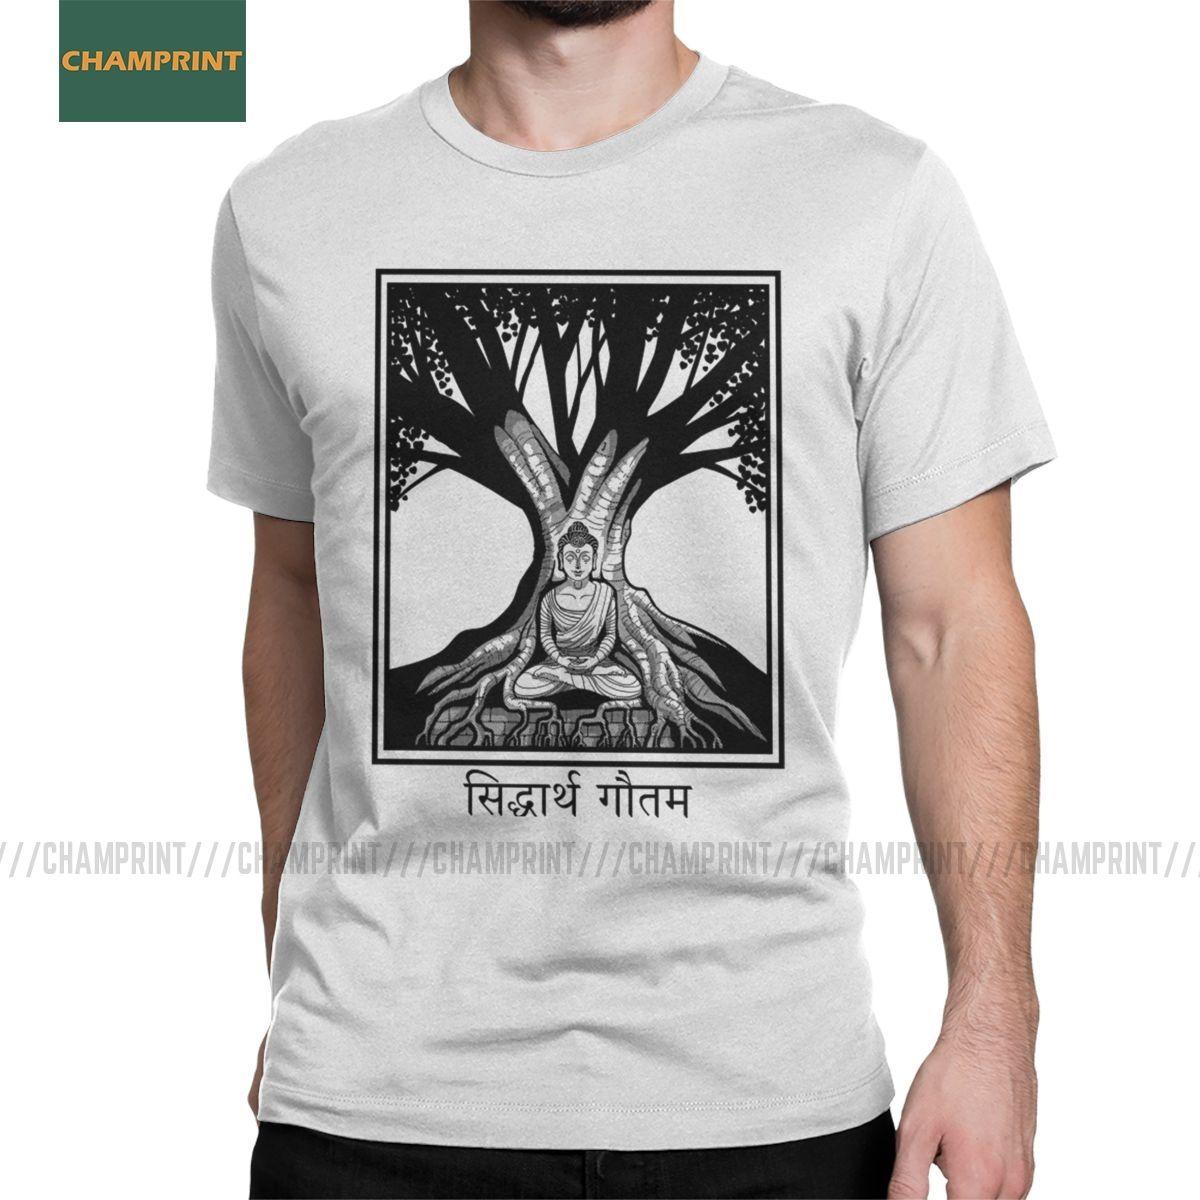 Erkekler Tişörtler Buda Ve Bodhi Ağacı Casual Pamuk Tees Kısa Kollu Meditasyon Zen Ruhsal Budizm Tişörtlü Artı boyutu